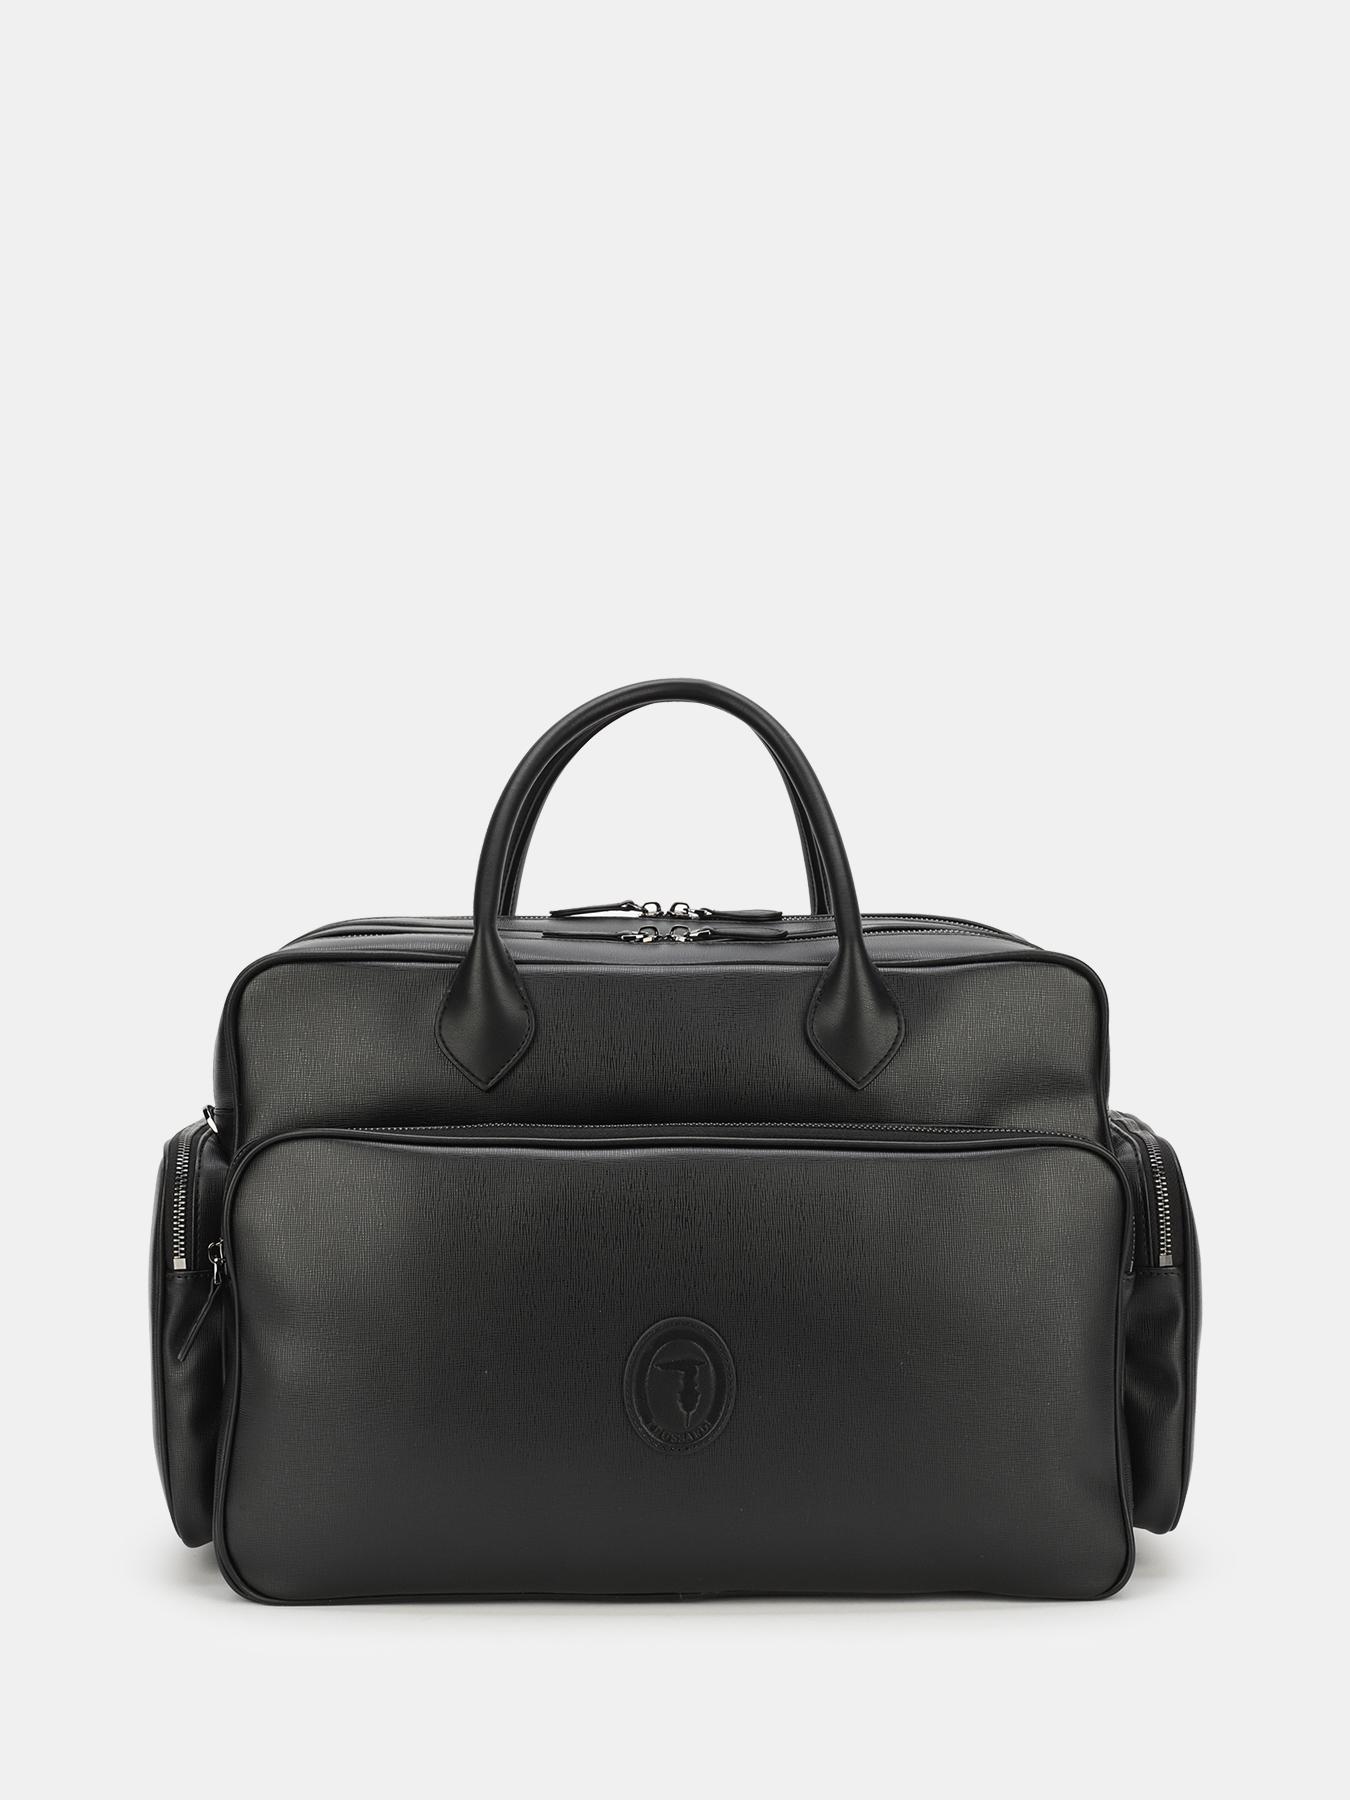 Дорожные сумки Trussardi Дорожная сумка